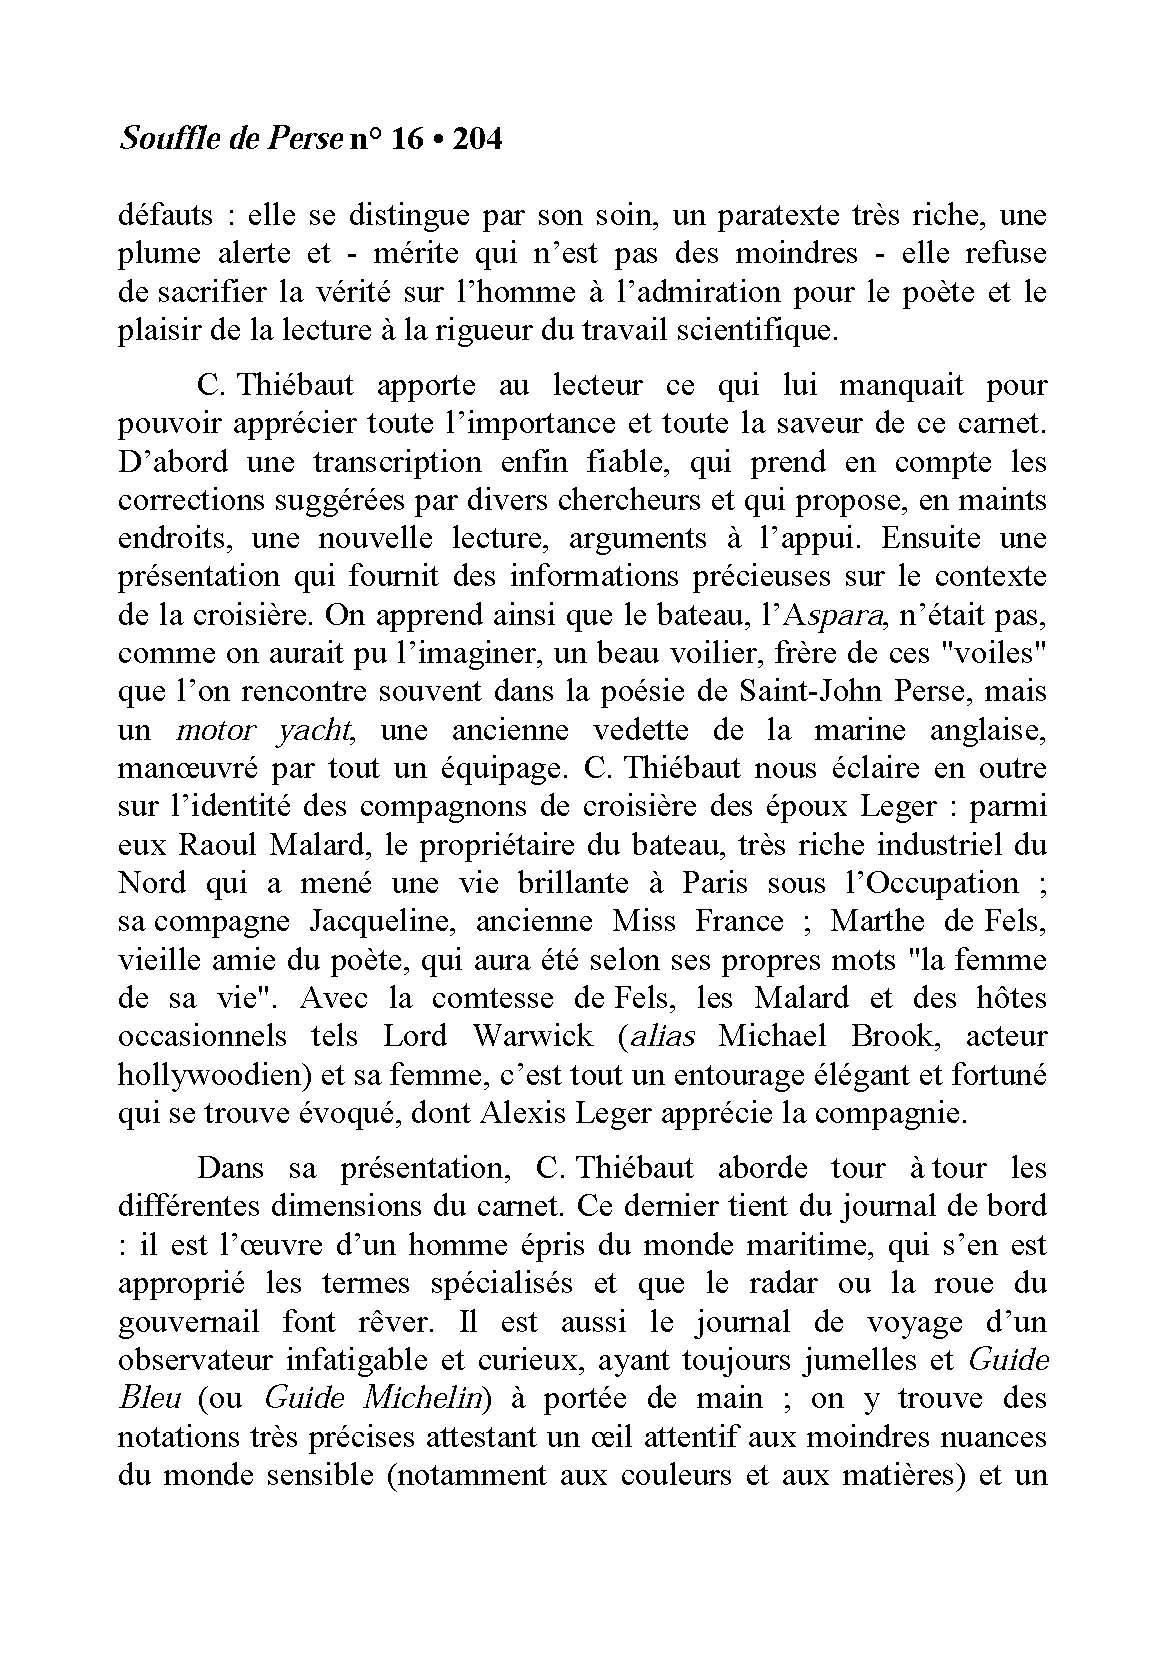 pages-de-souffle-n-16-p-203-a-206_page_2